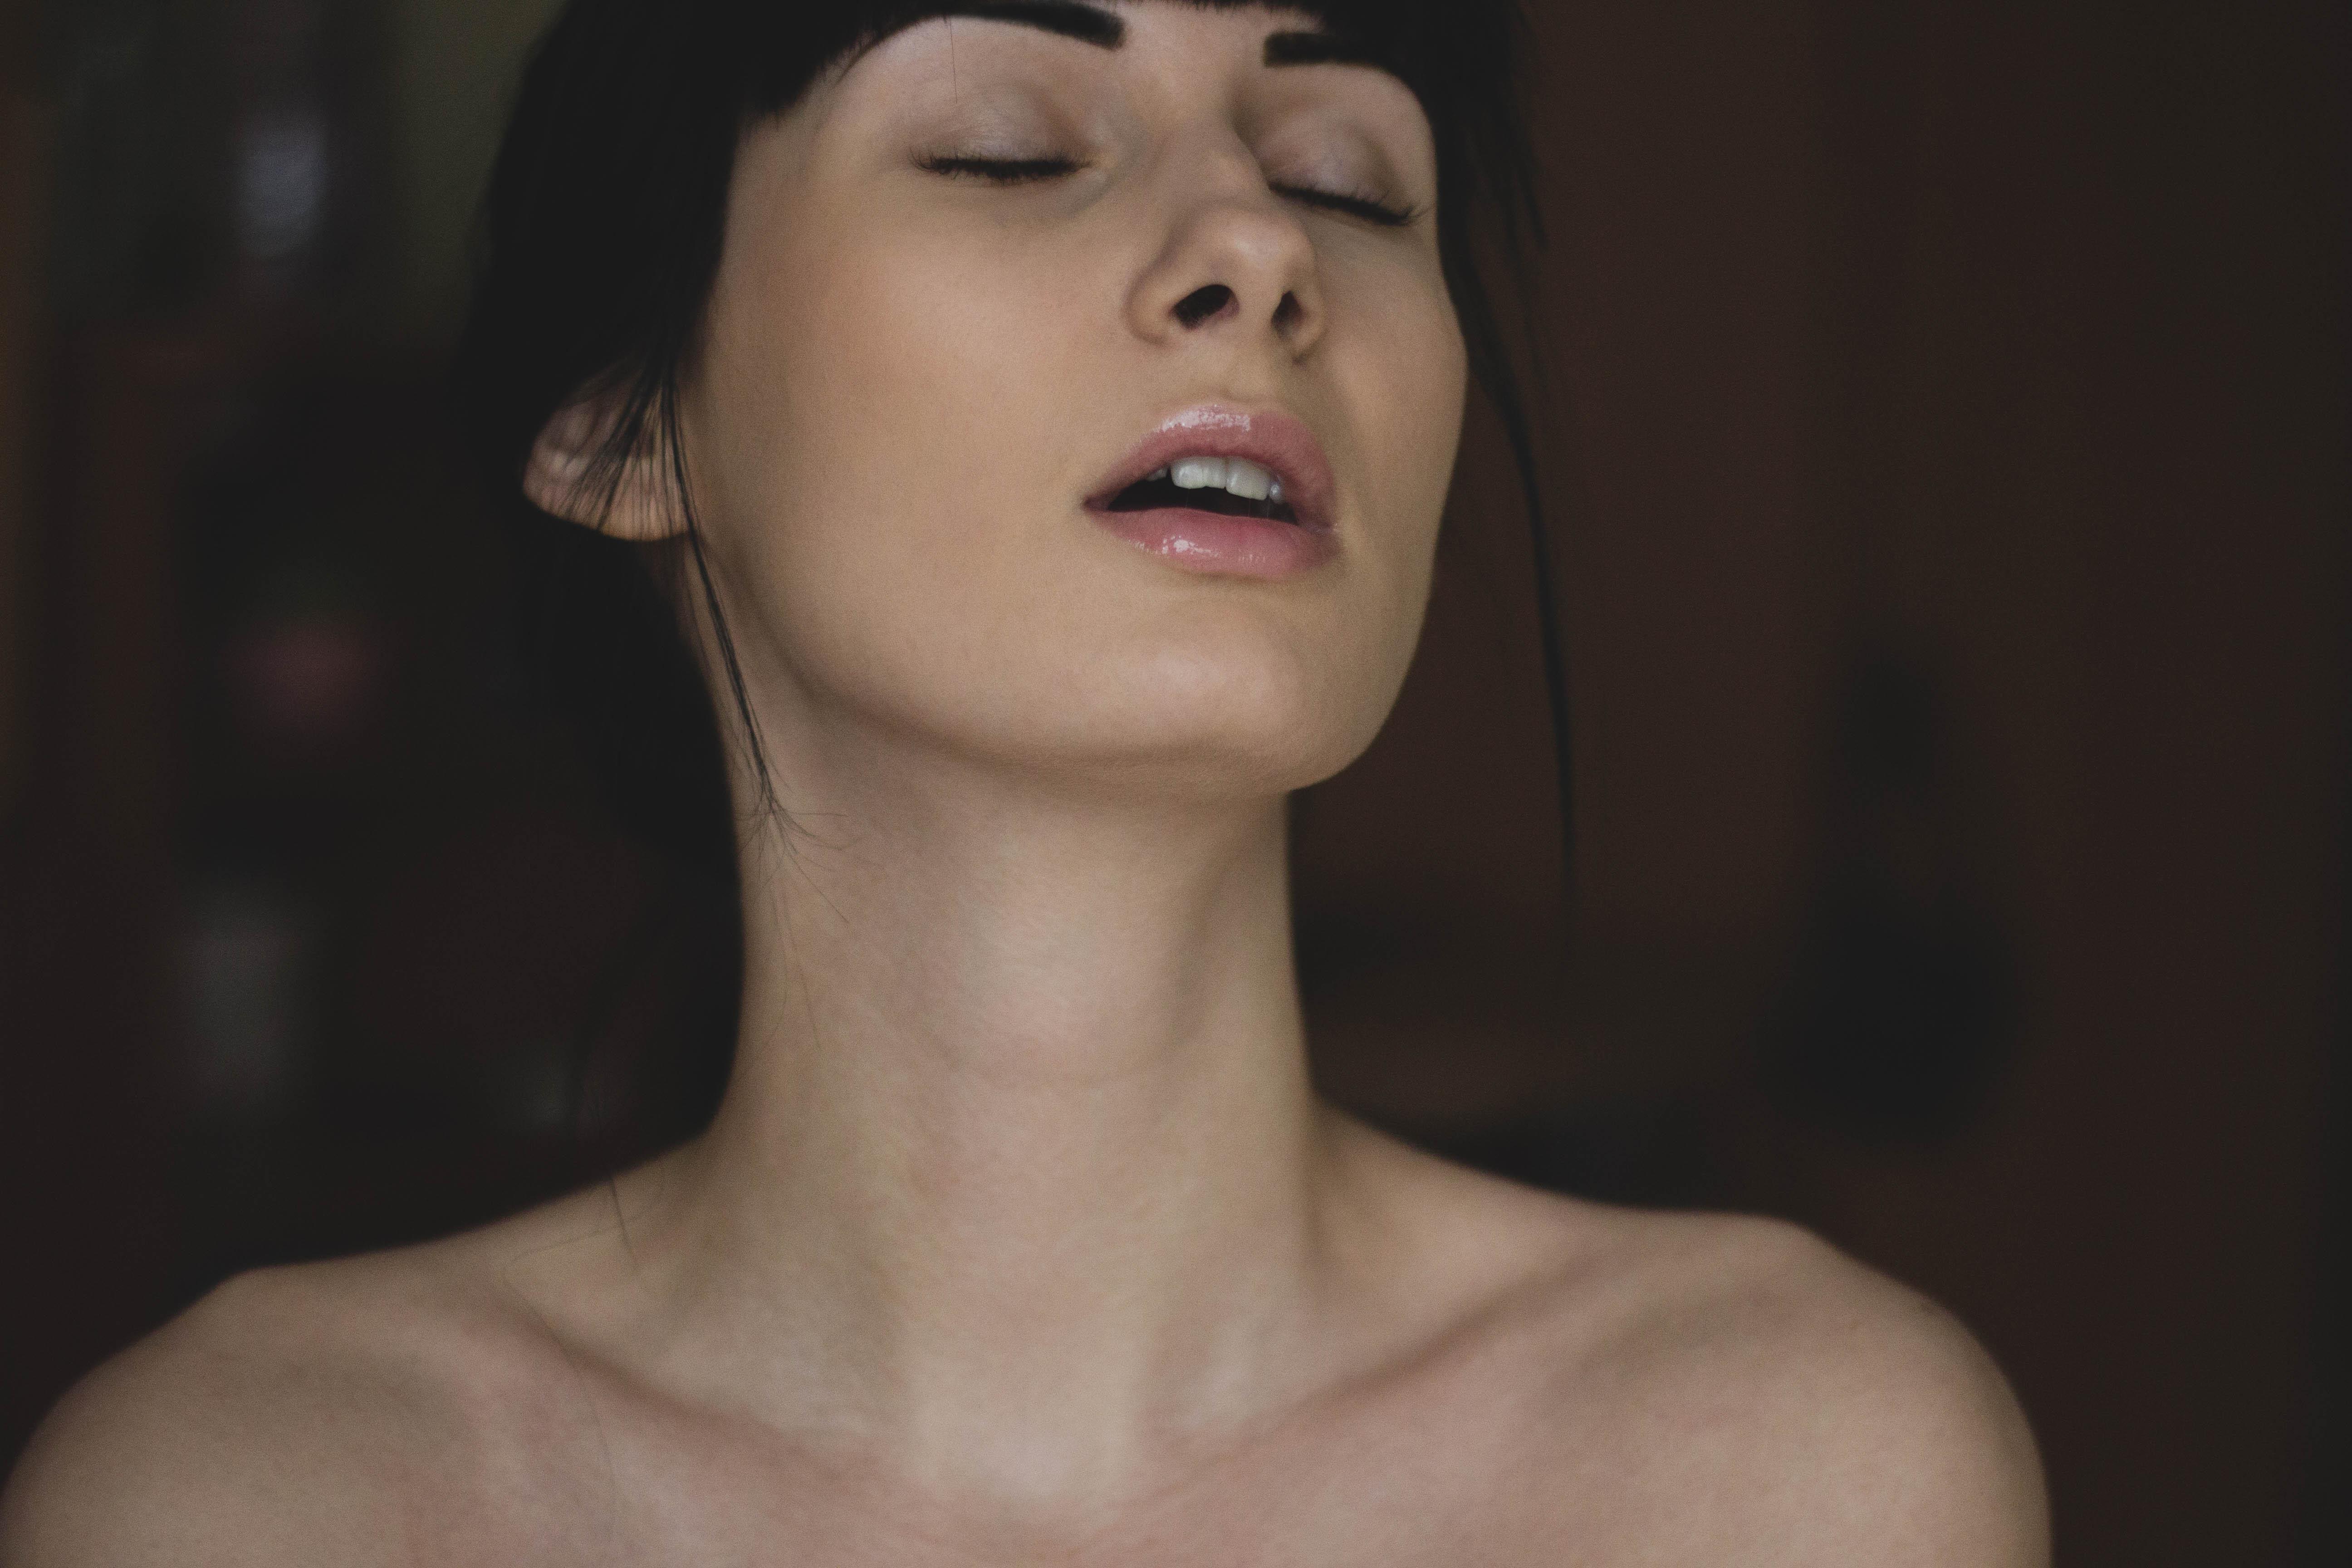 Enrhumé du pénis, un photographe réussit...